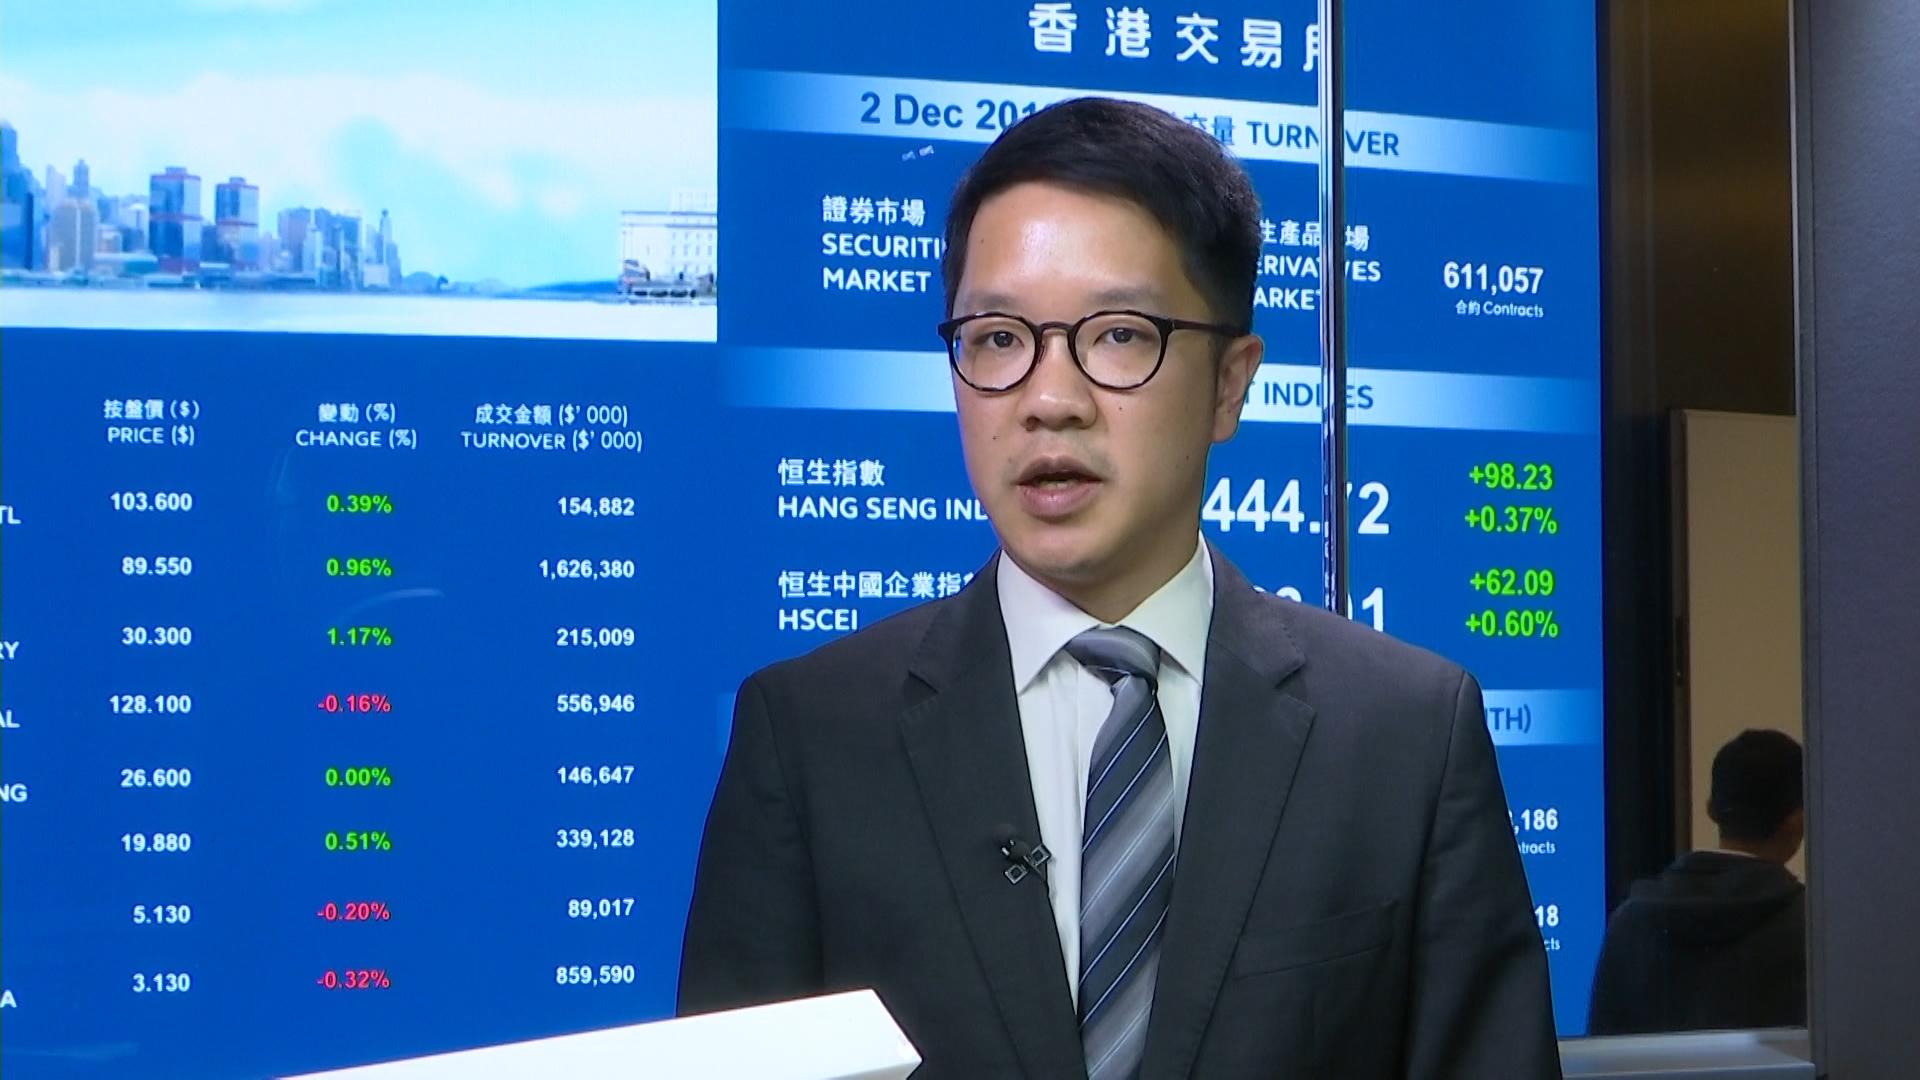 大咖录丨海通国际港股策略,这三个行业明年将大涨!